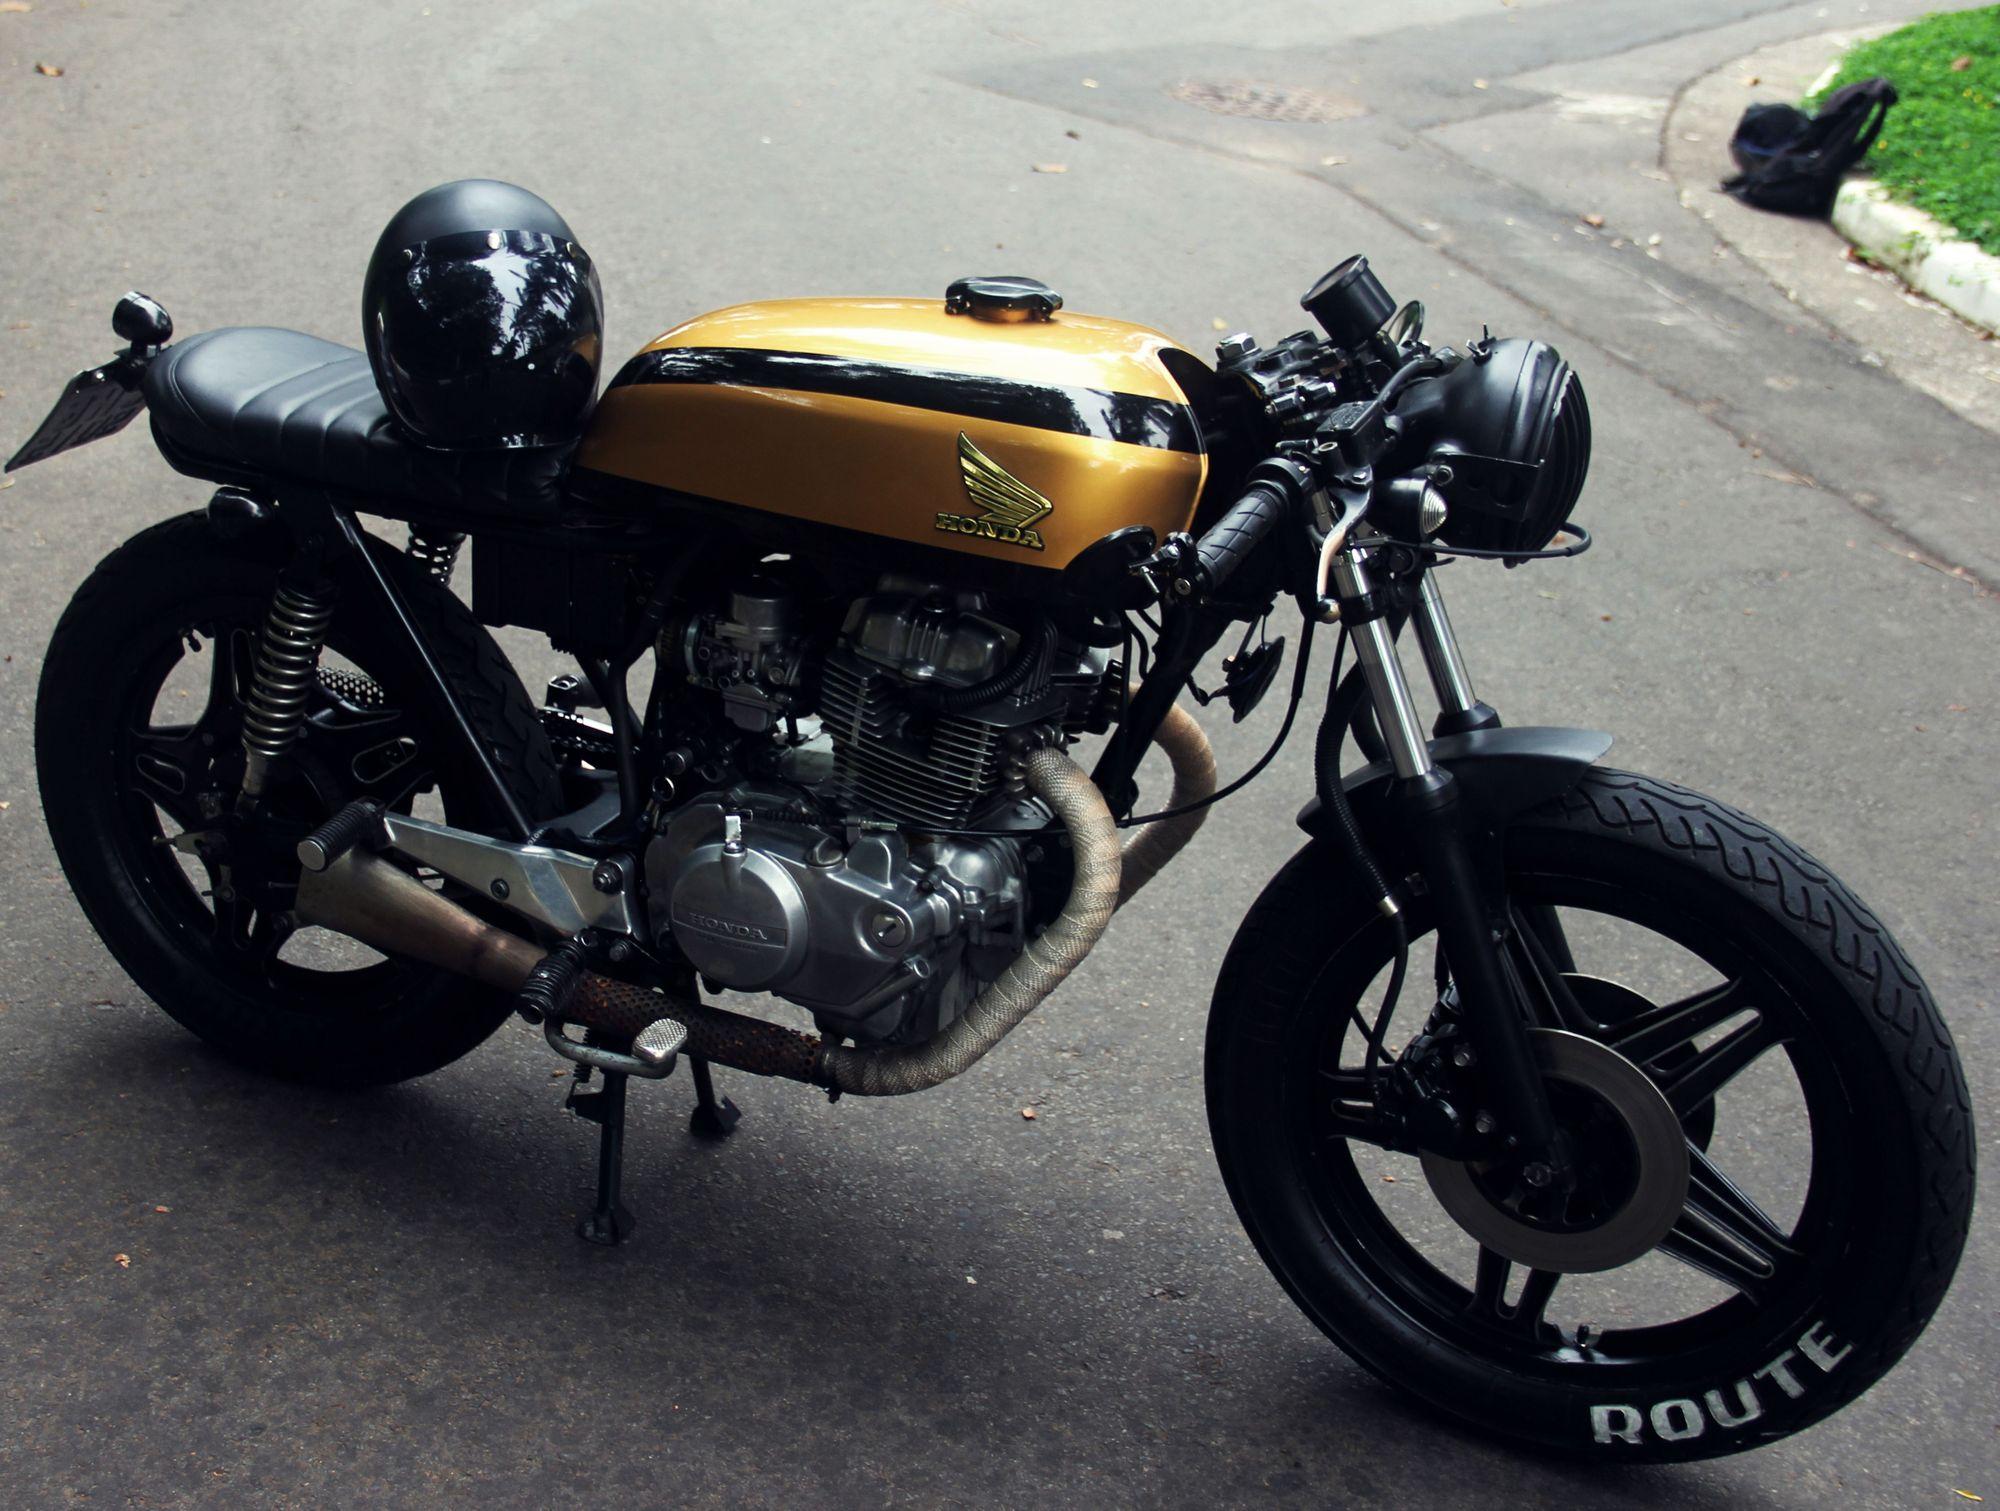 Μια Honda CB 400 Brat Style με κίτρινη σέλα